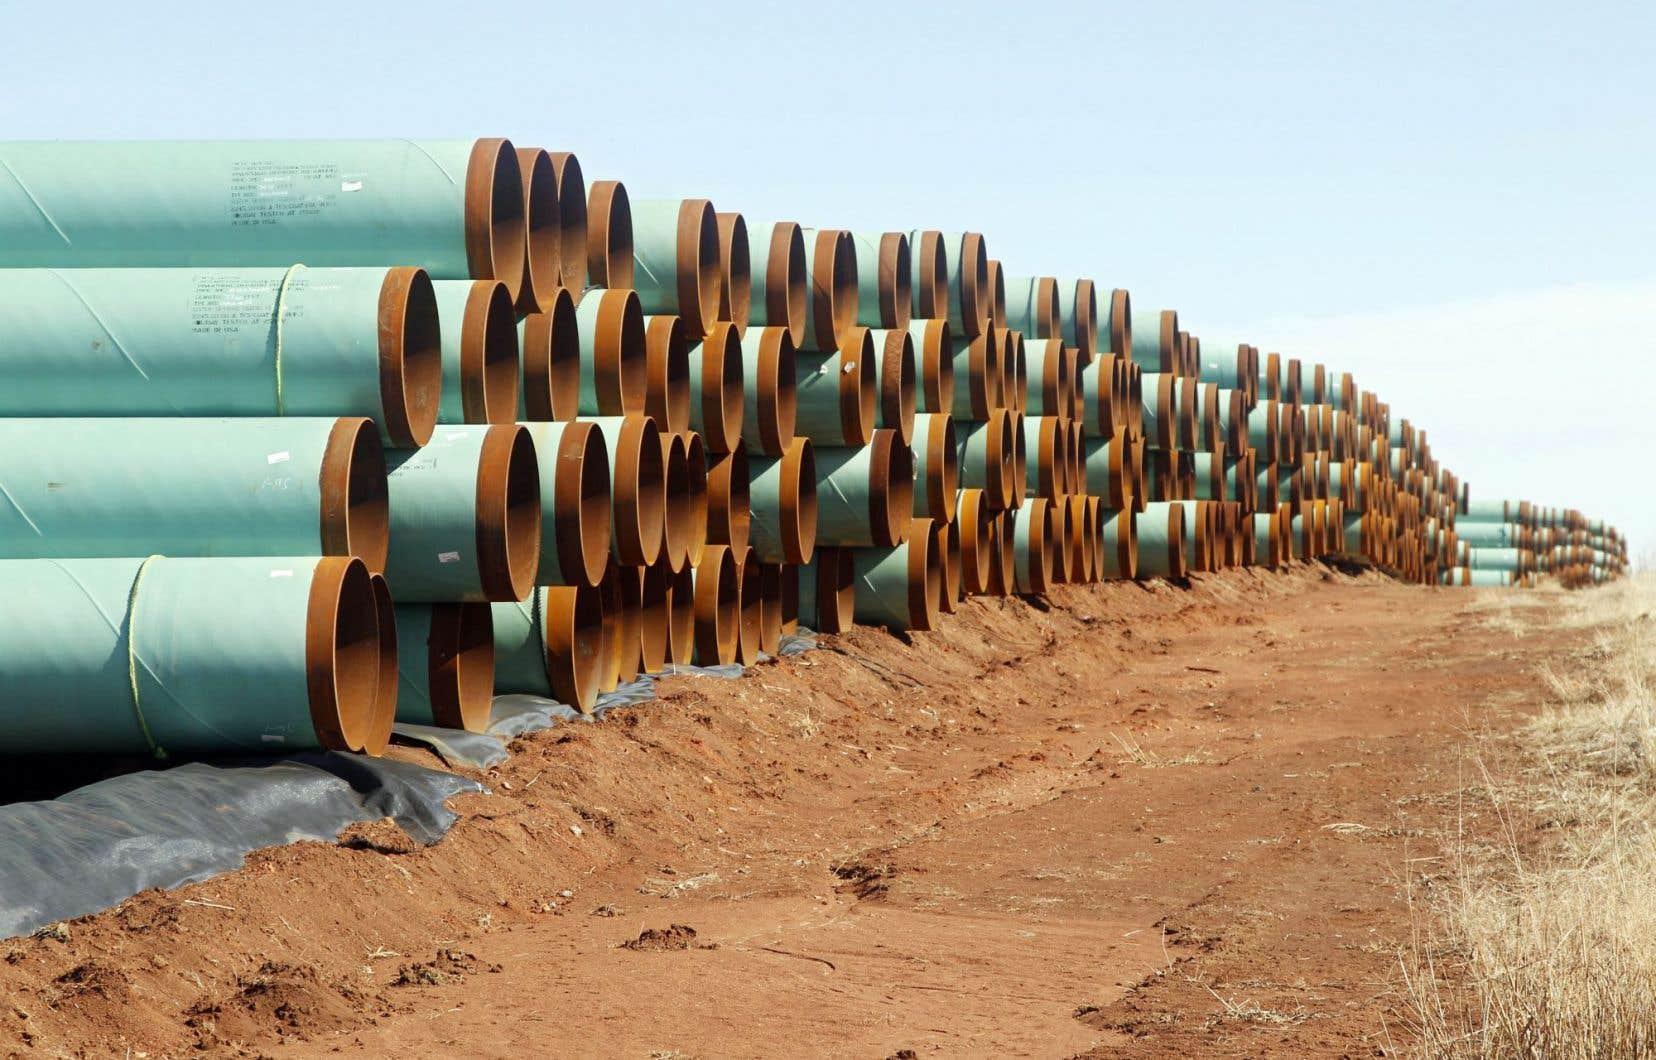 TransCanada cherche à désenclaver le pétrole albertain par divers projets de pipeline, dont Énergie Est et Keystone XL.